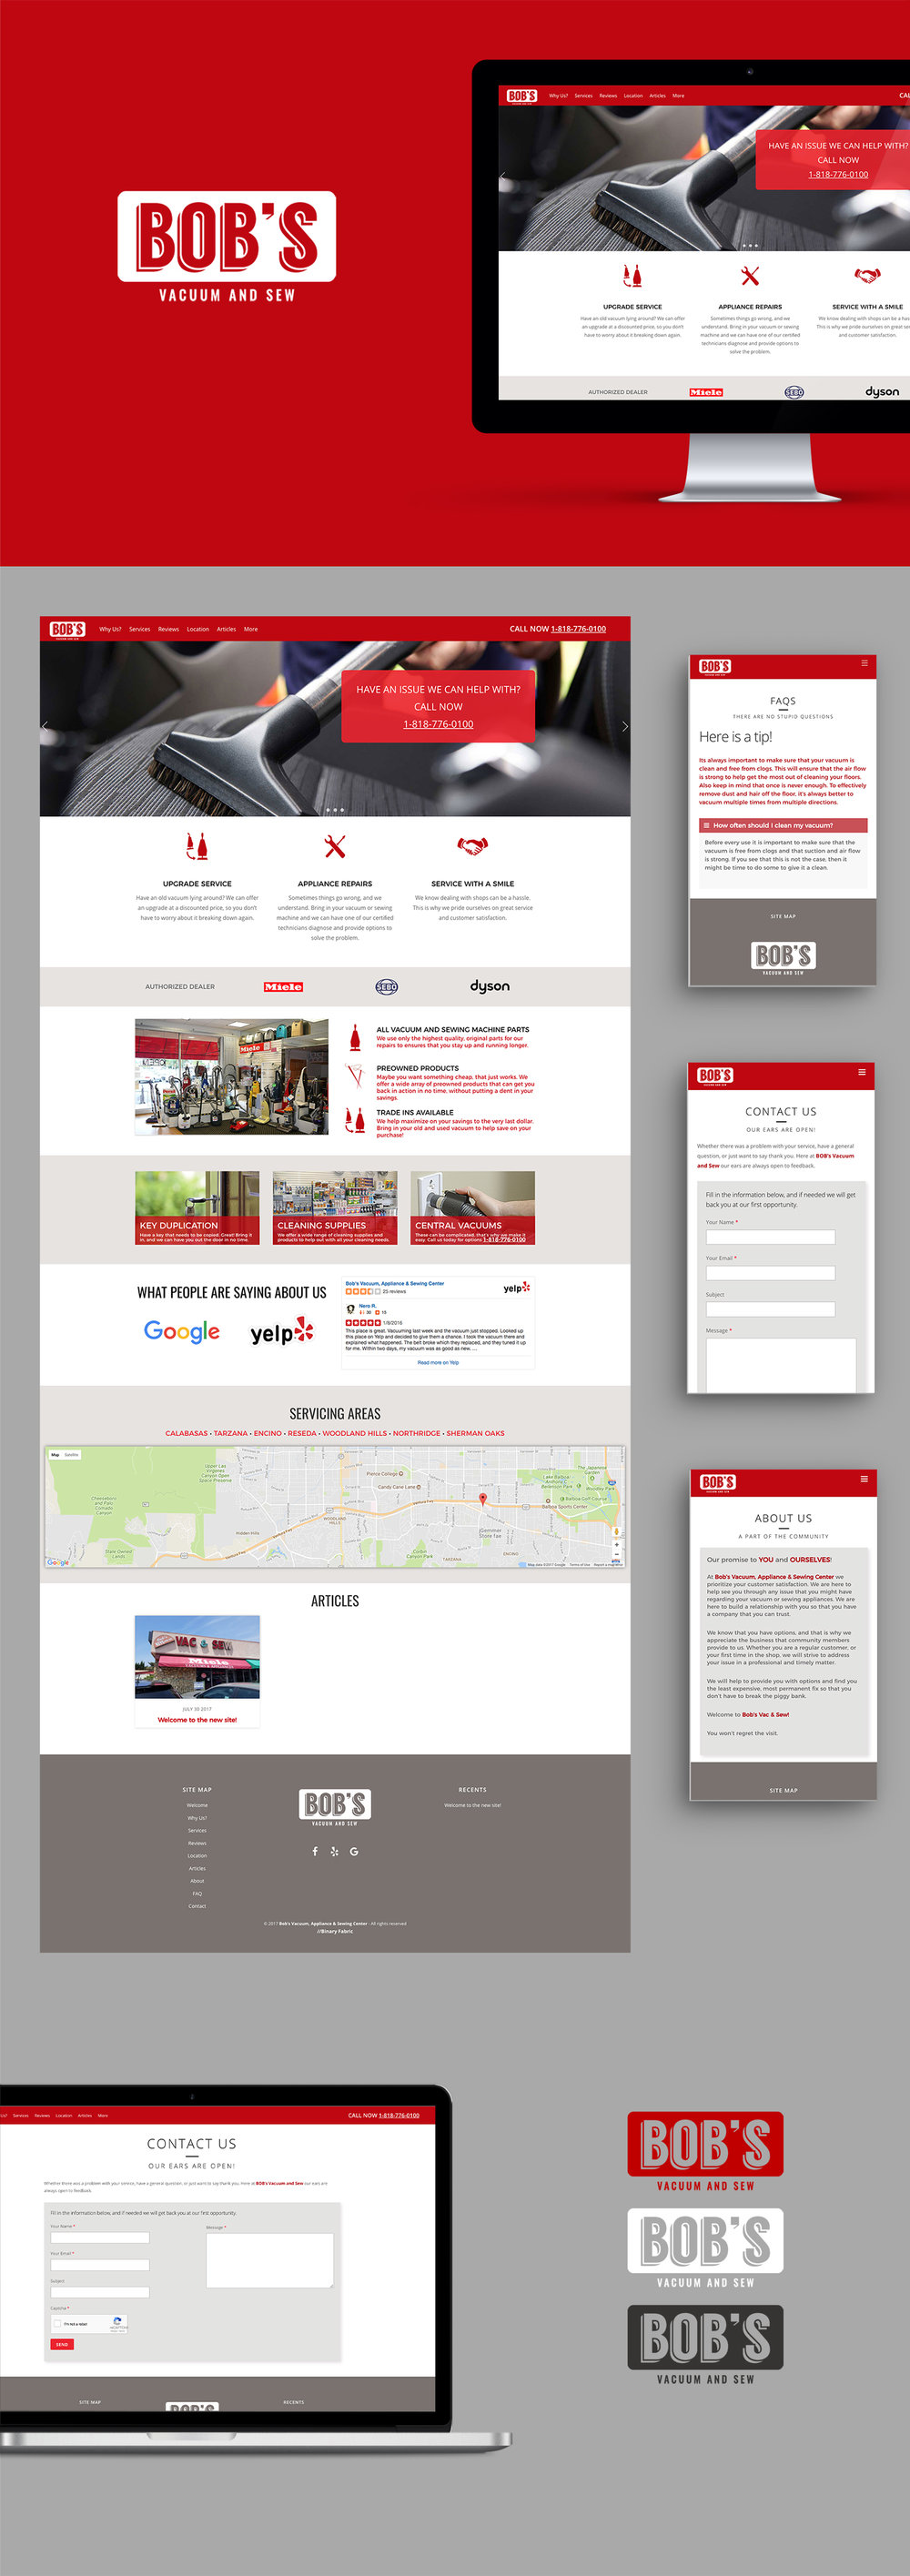 Bobs-Webdesign-2.jpg